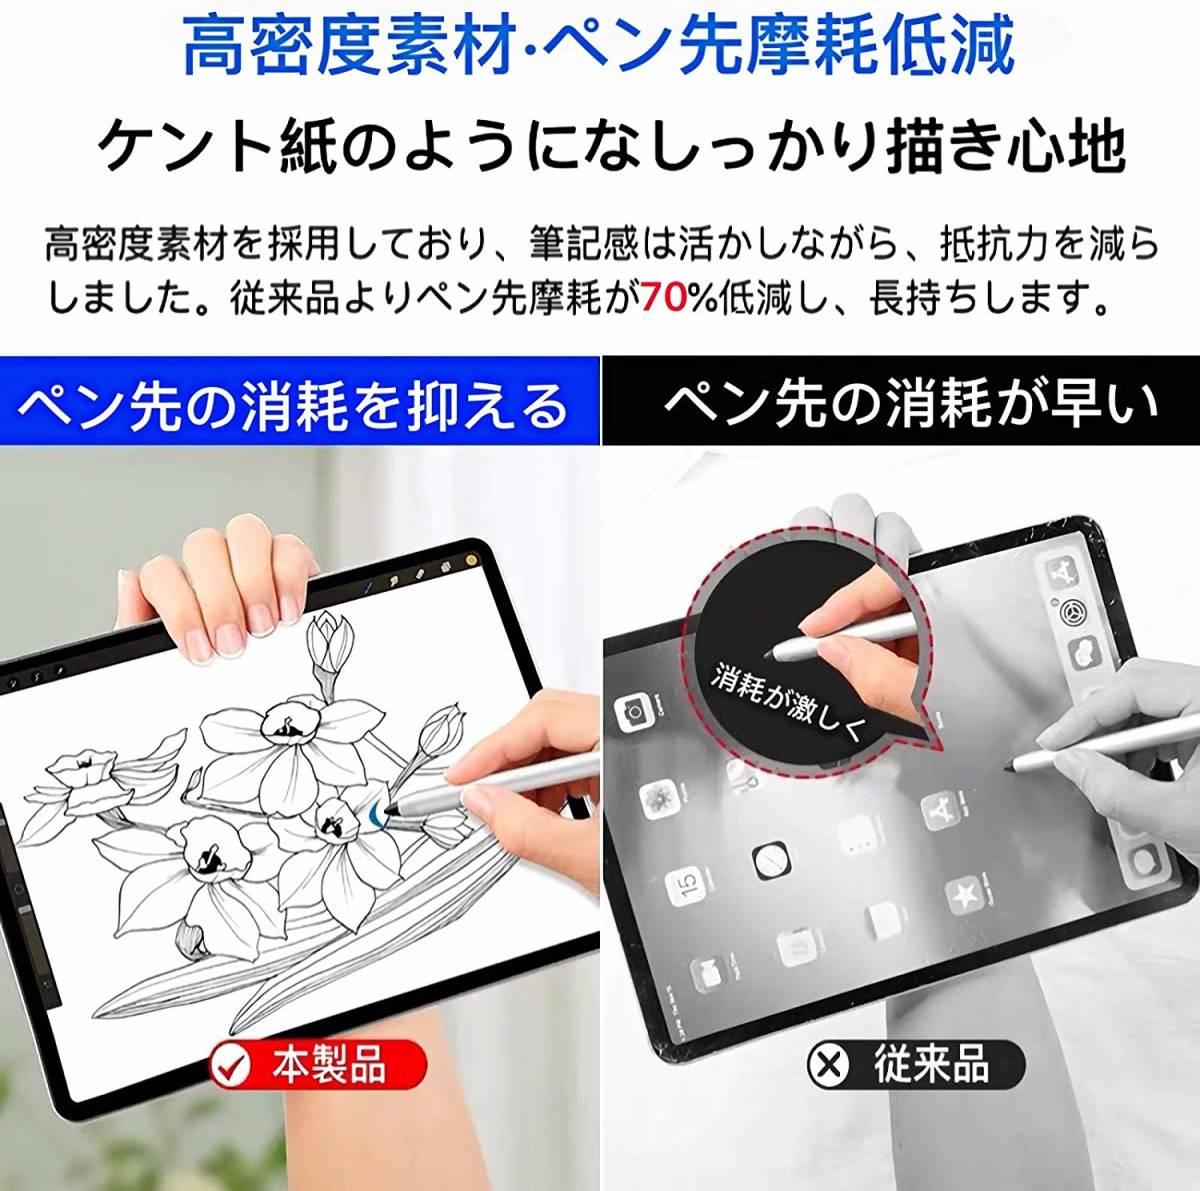 iPad Pro 12.9 2017モデル用 ペーパーライク フィルム 紙のような描き心地 反射低減 非光沢 アンチグレア ペン先磨耗防止 保護フィルム_画像7